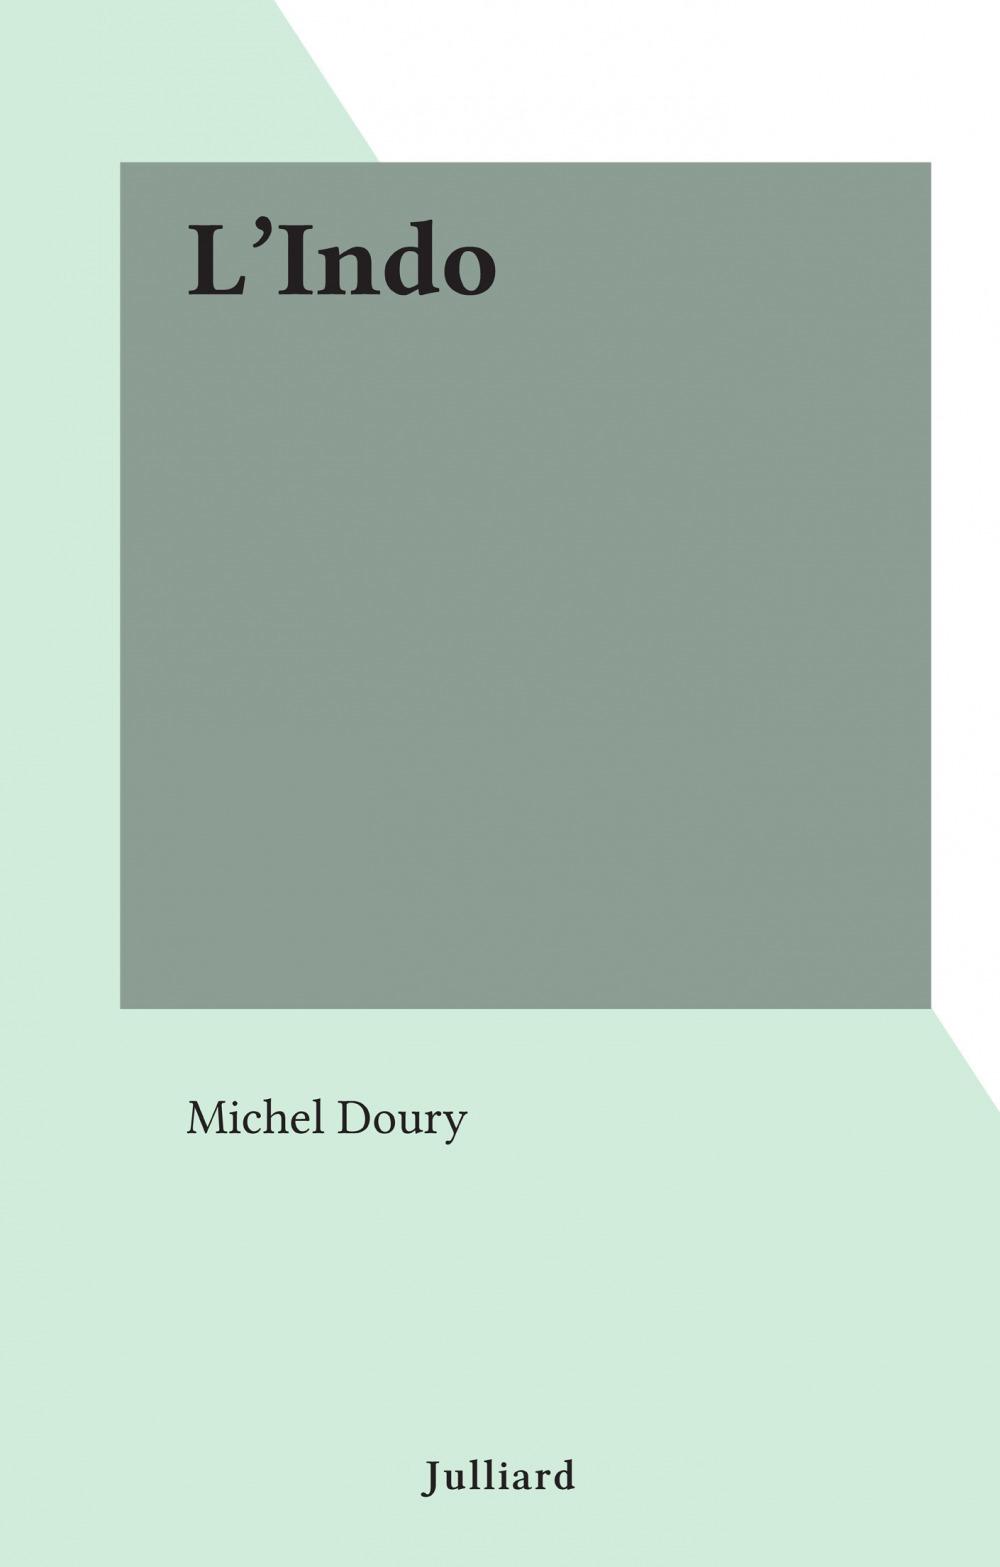 L'Indo  - Michel Doury